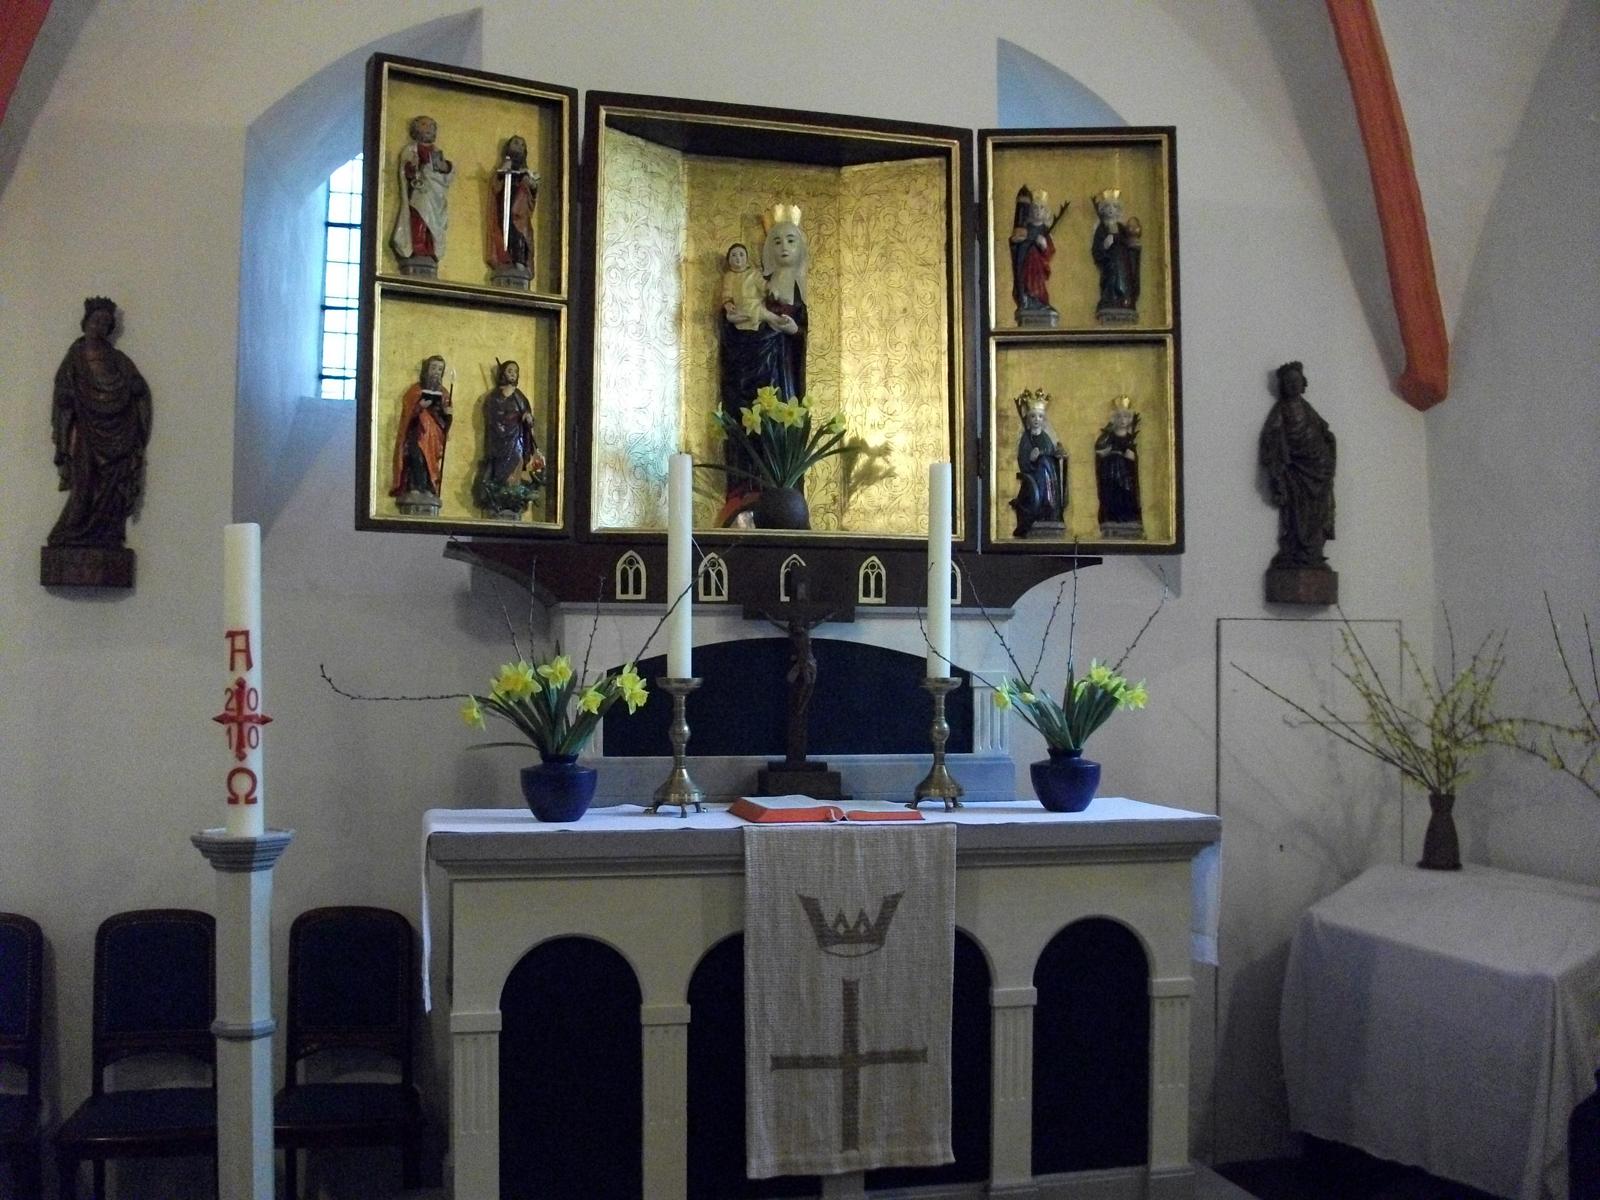 Taborkirche Hohenschönhausen Altar 2010-04-07 01.jpg